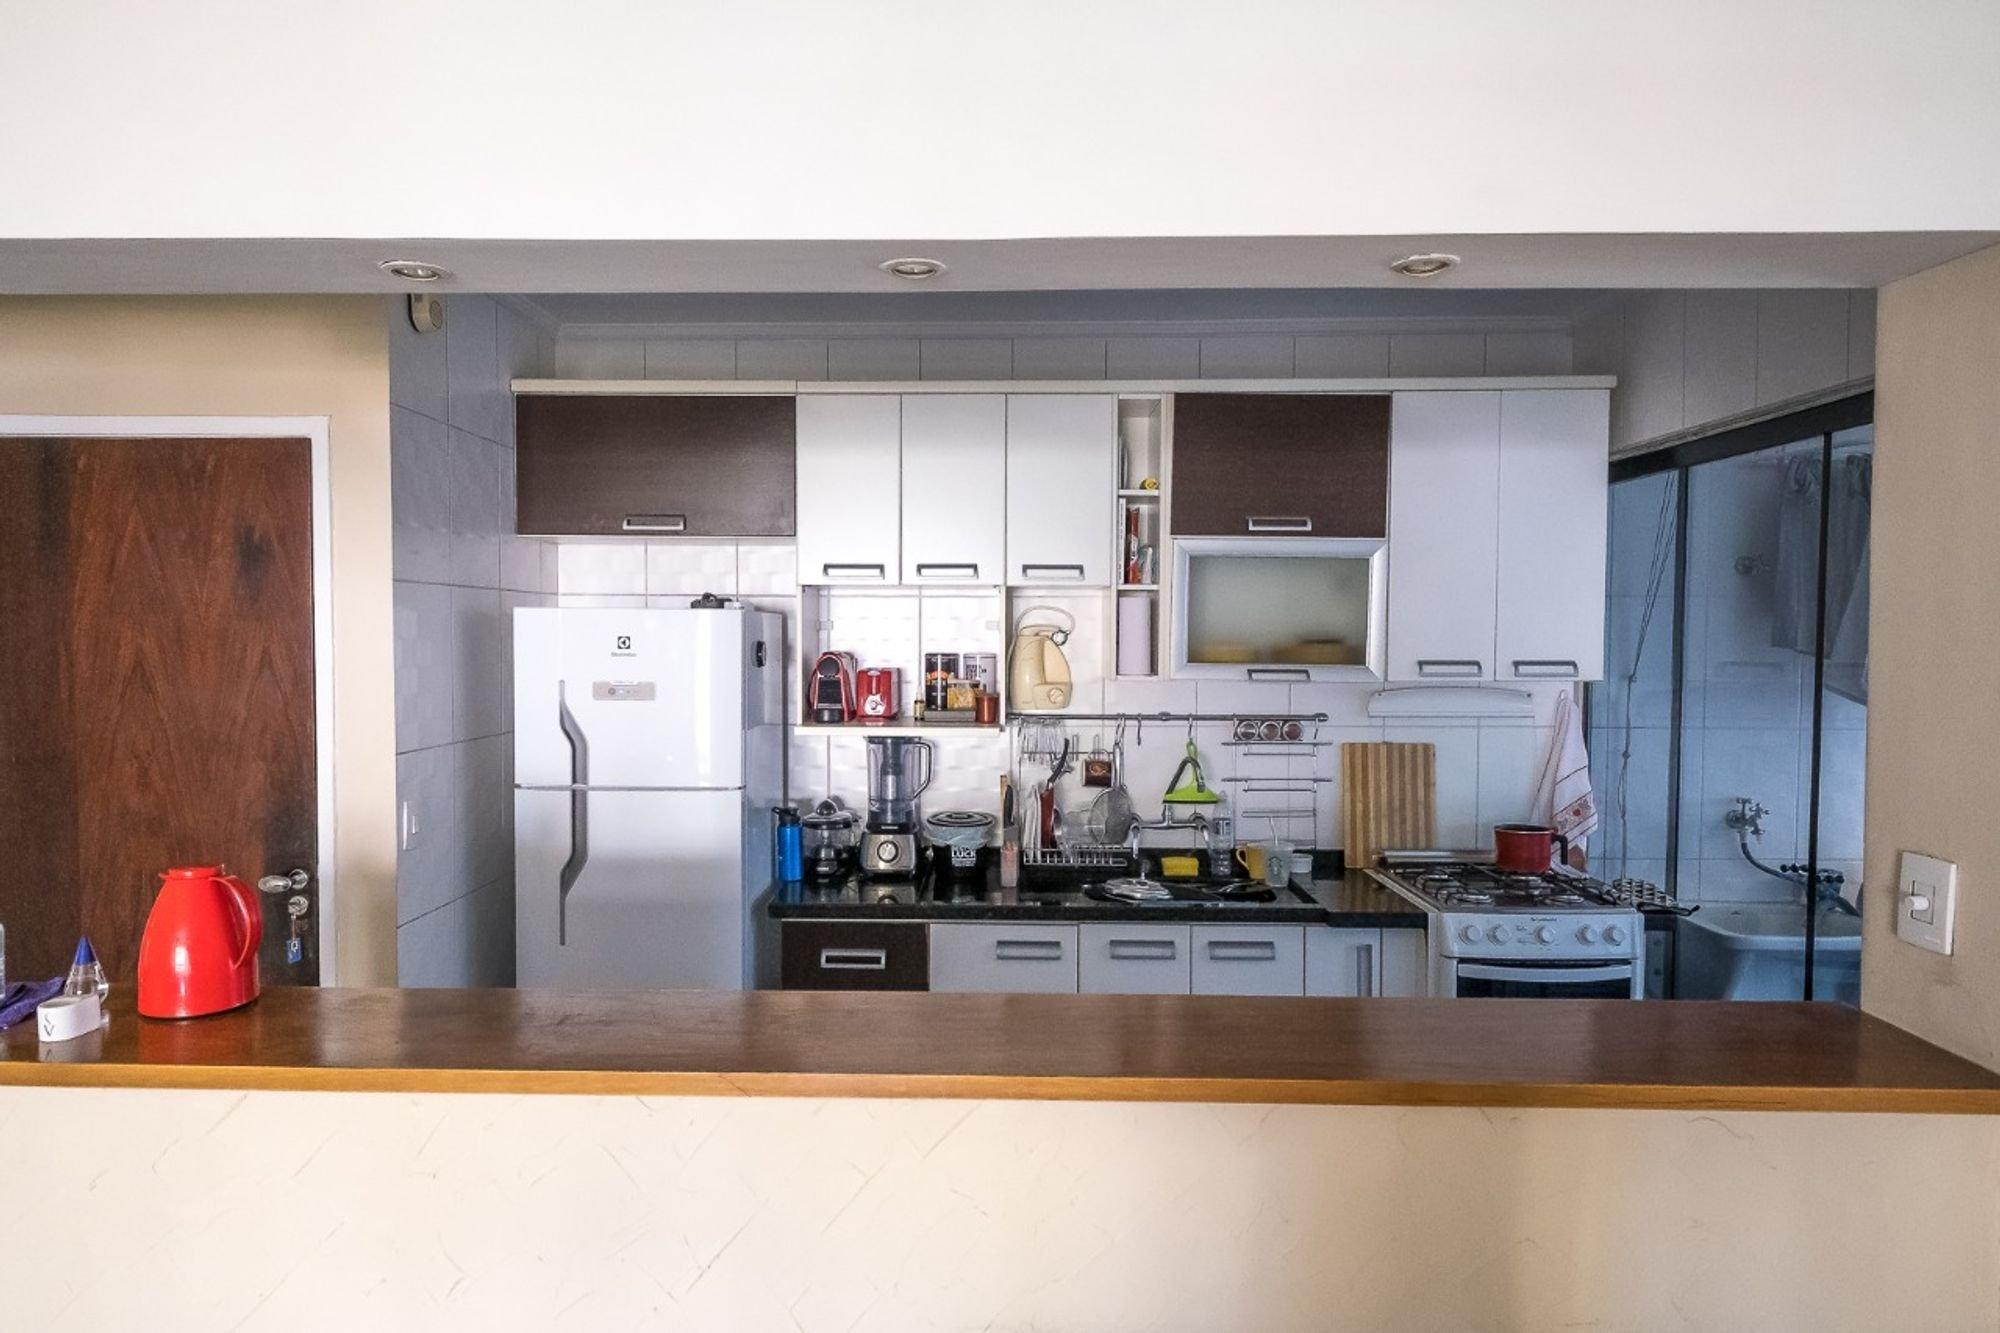 Foto de Cozinha com forno, geladeira, televisão